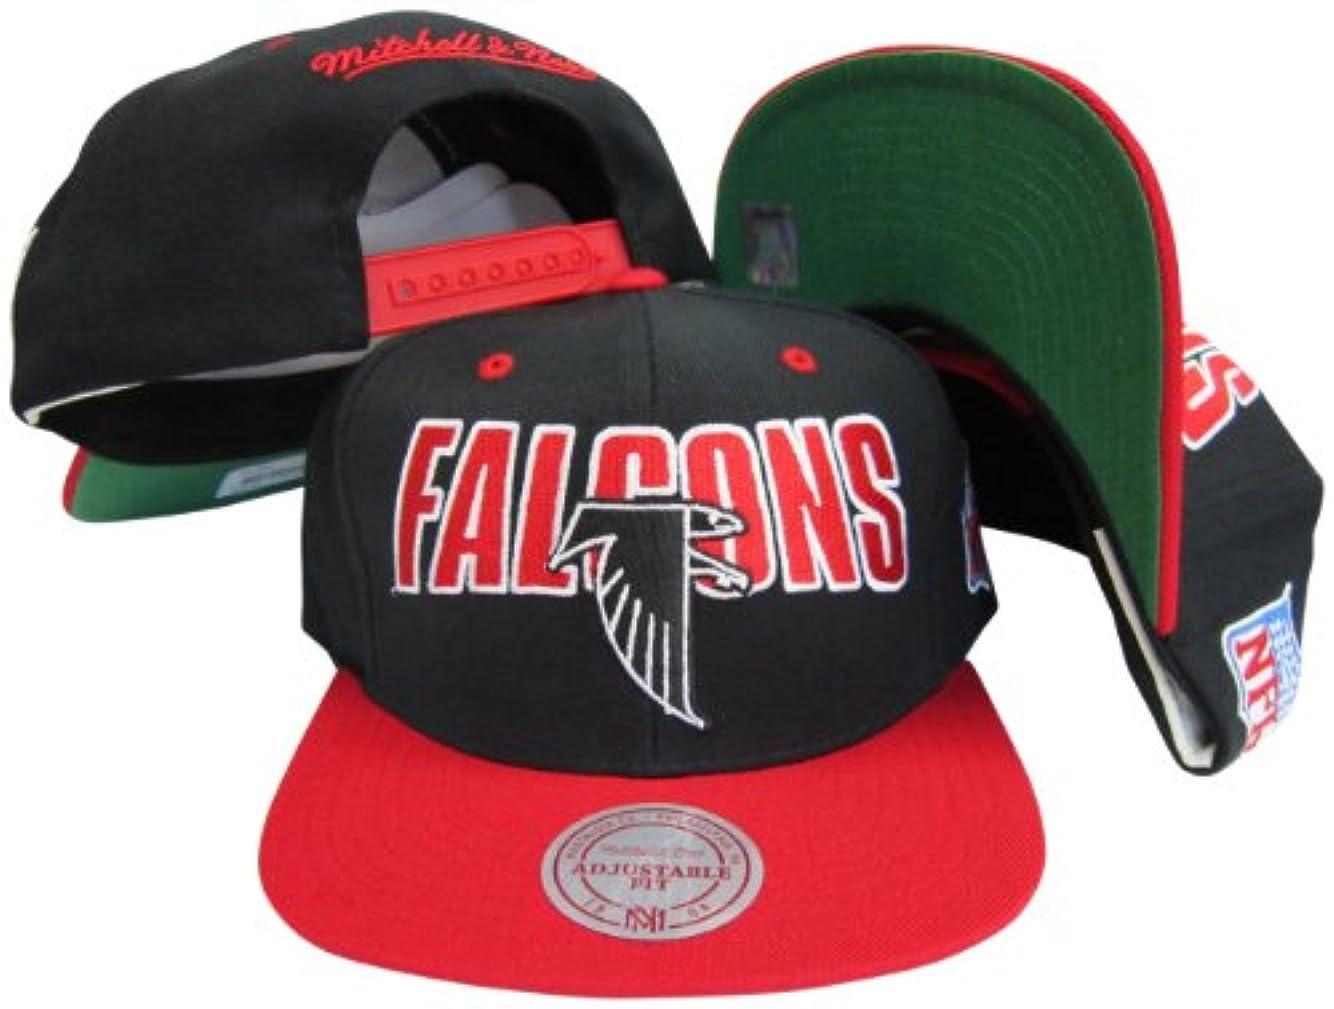 衝突する子供時代ばかげたAtlanta Falconsブラック/レッド2つトーンプラスチックスナップバック調節可能なプラスチックスナップバック帽子/キャップ